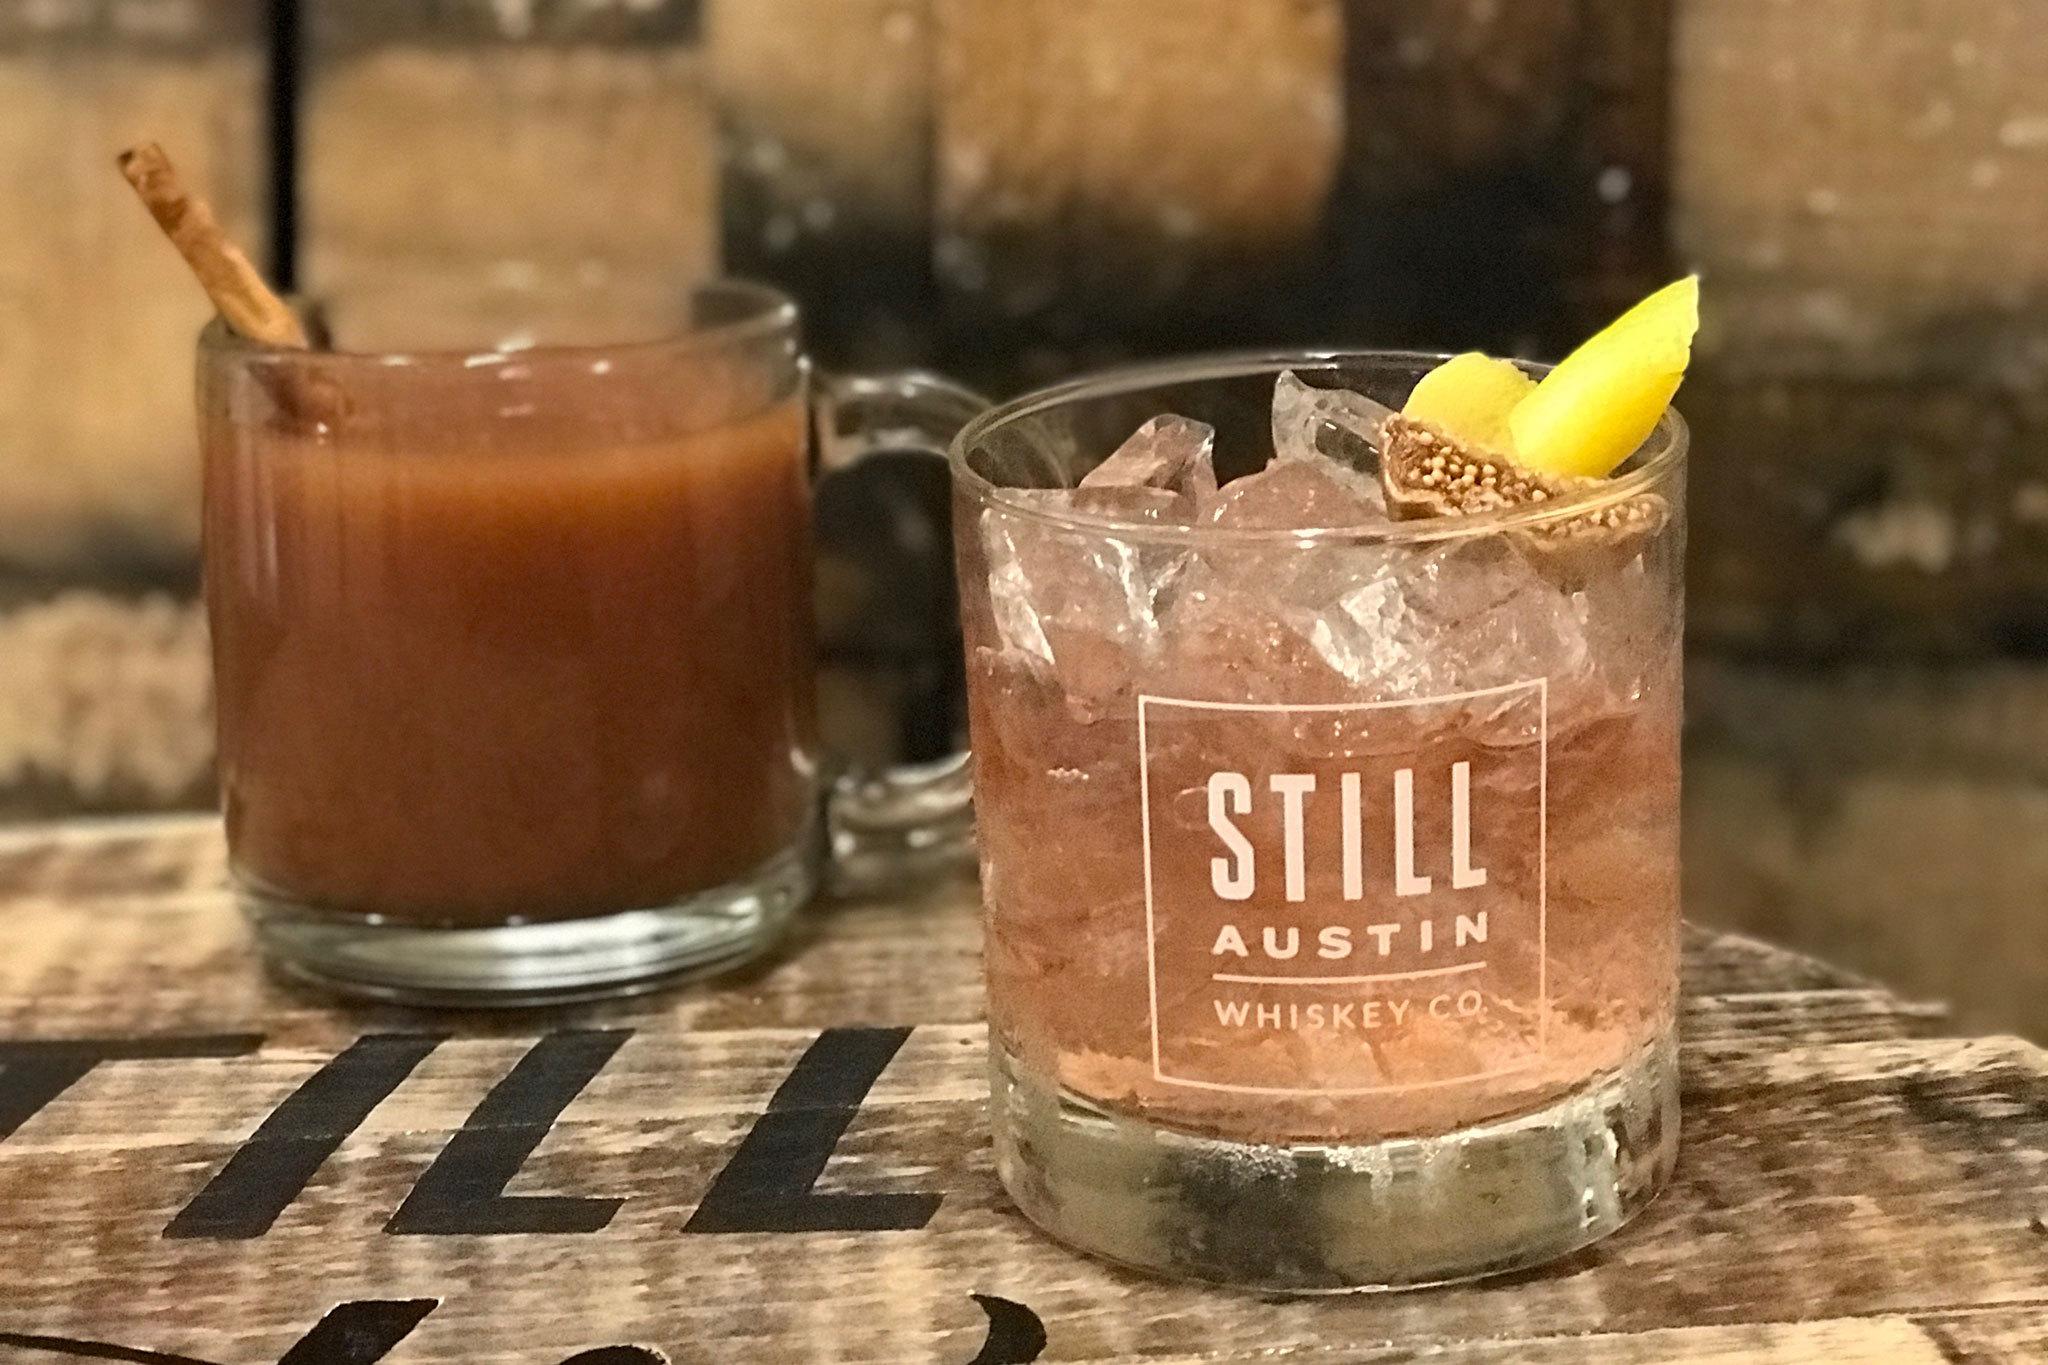 Still Austin Whiskey Co.